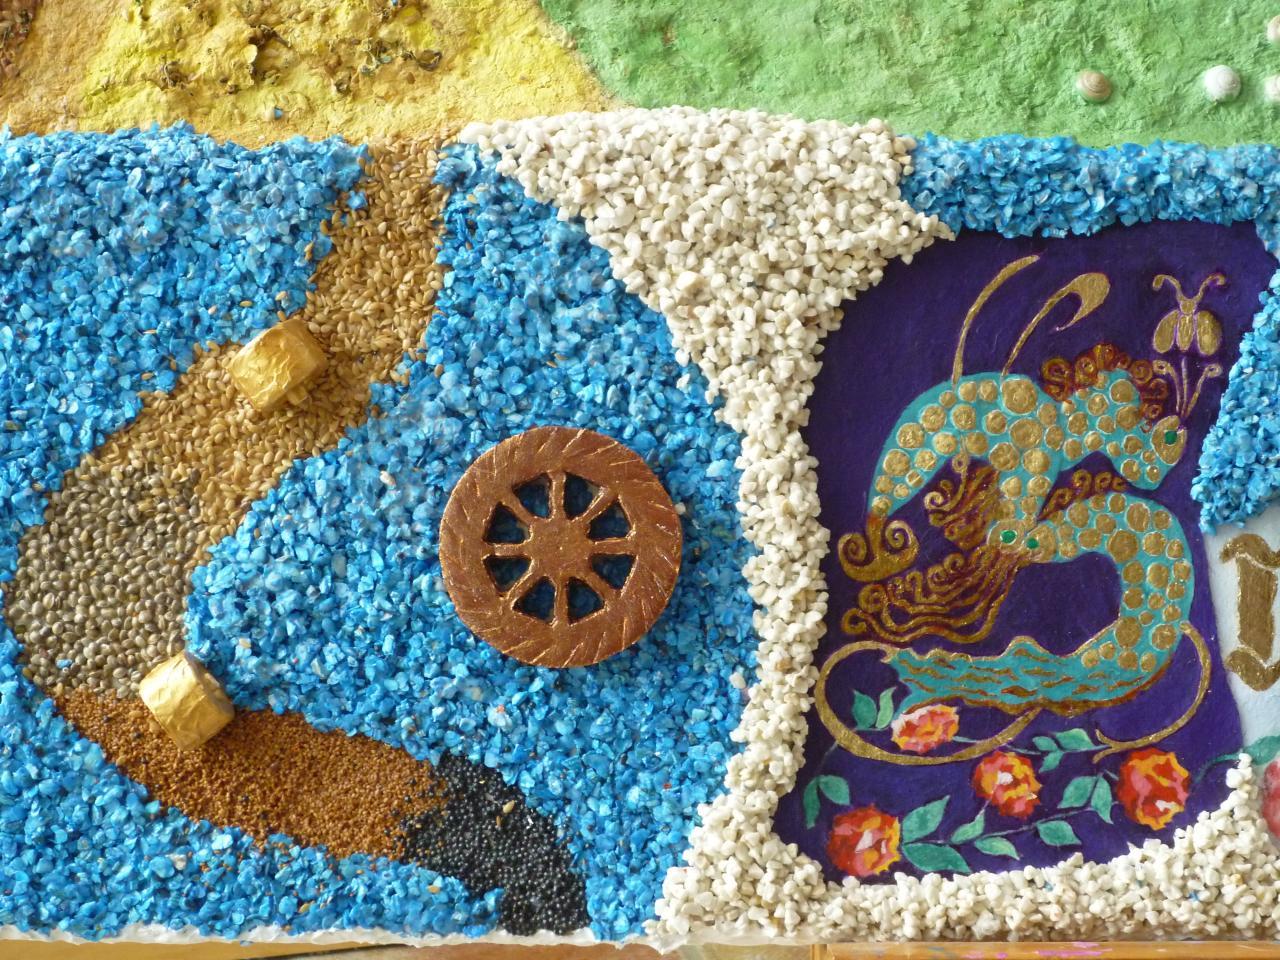 Roue à aube,meules,graines (cameline,lin,sarasin,tournesol),cailloux